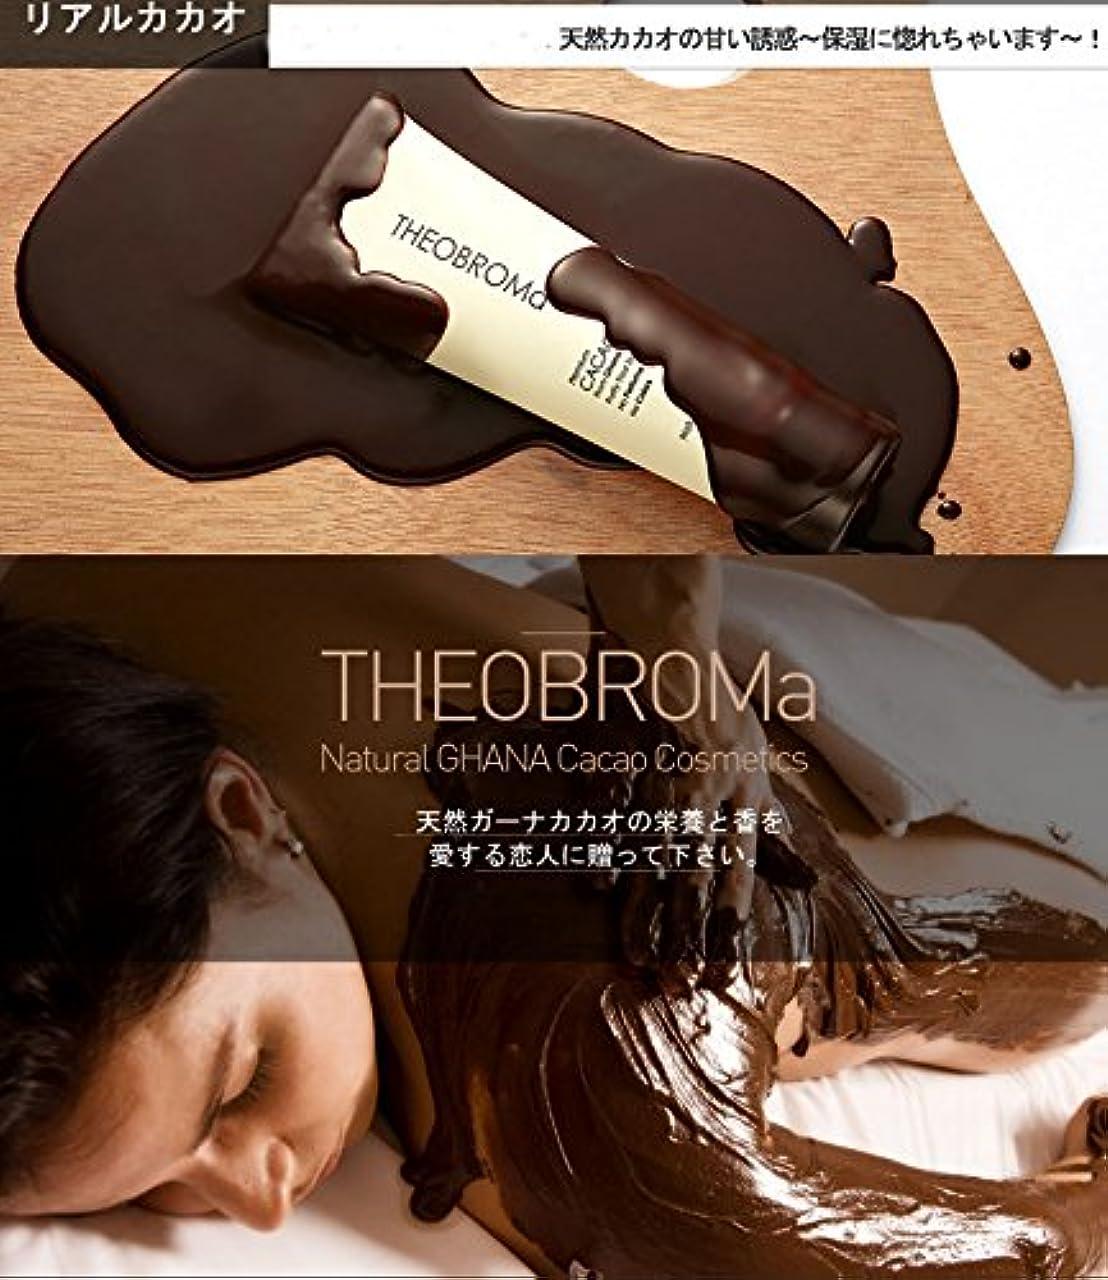 サスティーン新鮮な解釈ドクターファームス 高級 カカオ パック、、、日本国内から販売、韓国コスメ老舗ハンビビの商品